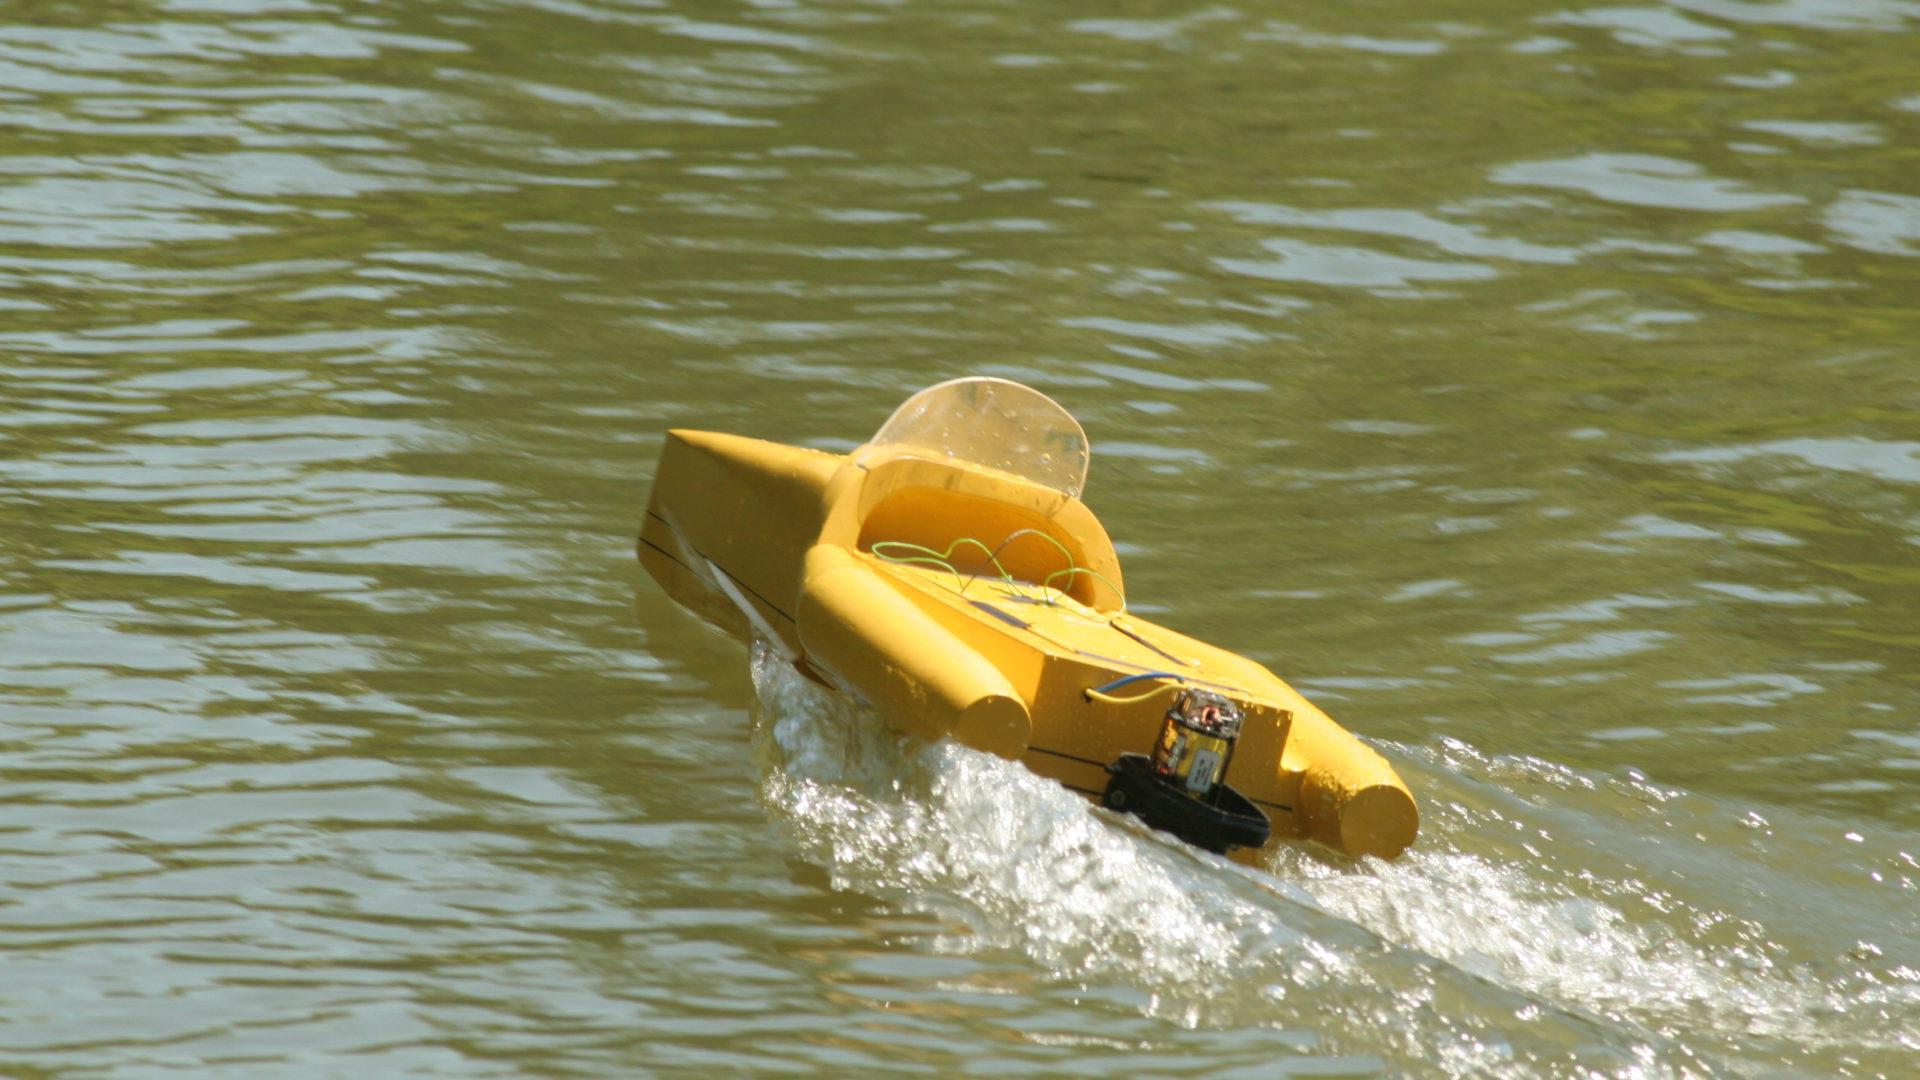 Testrun des Antriebs eines Bootmodells auf offenem Wasser.